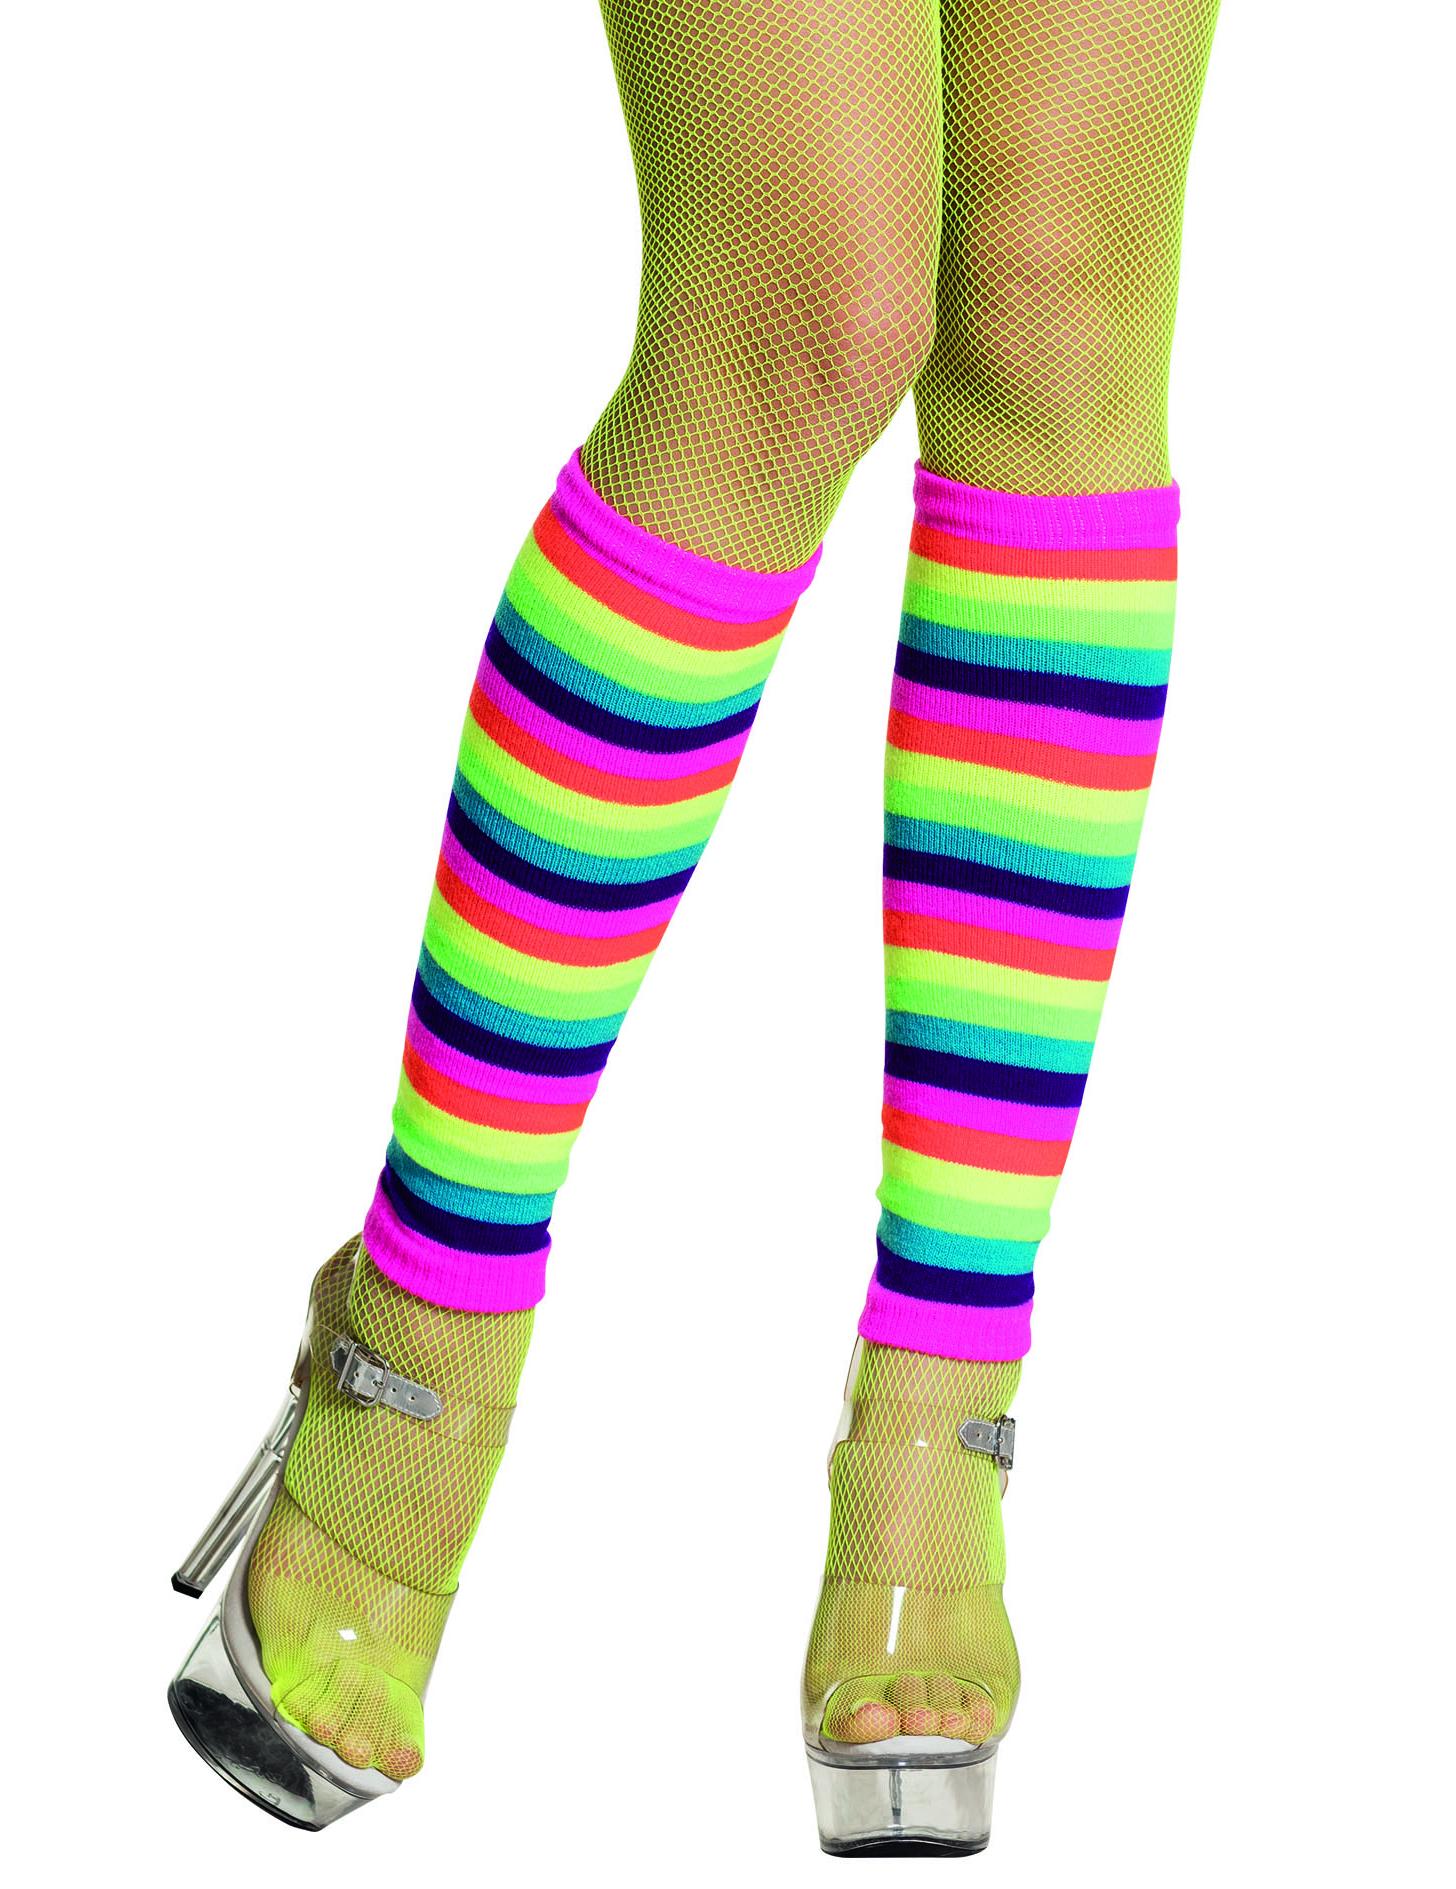 Polainas arco-íris fluo adulto  Acessórios 974dc22a8ea